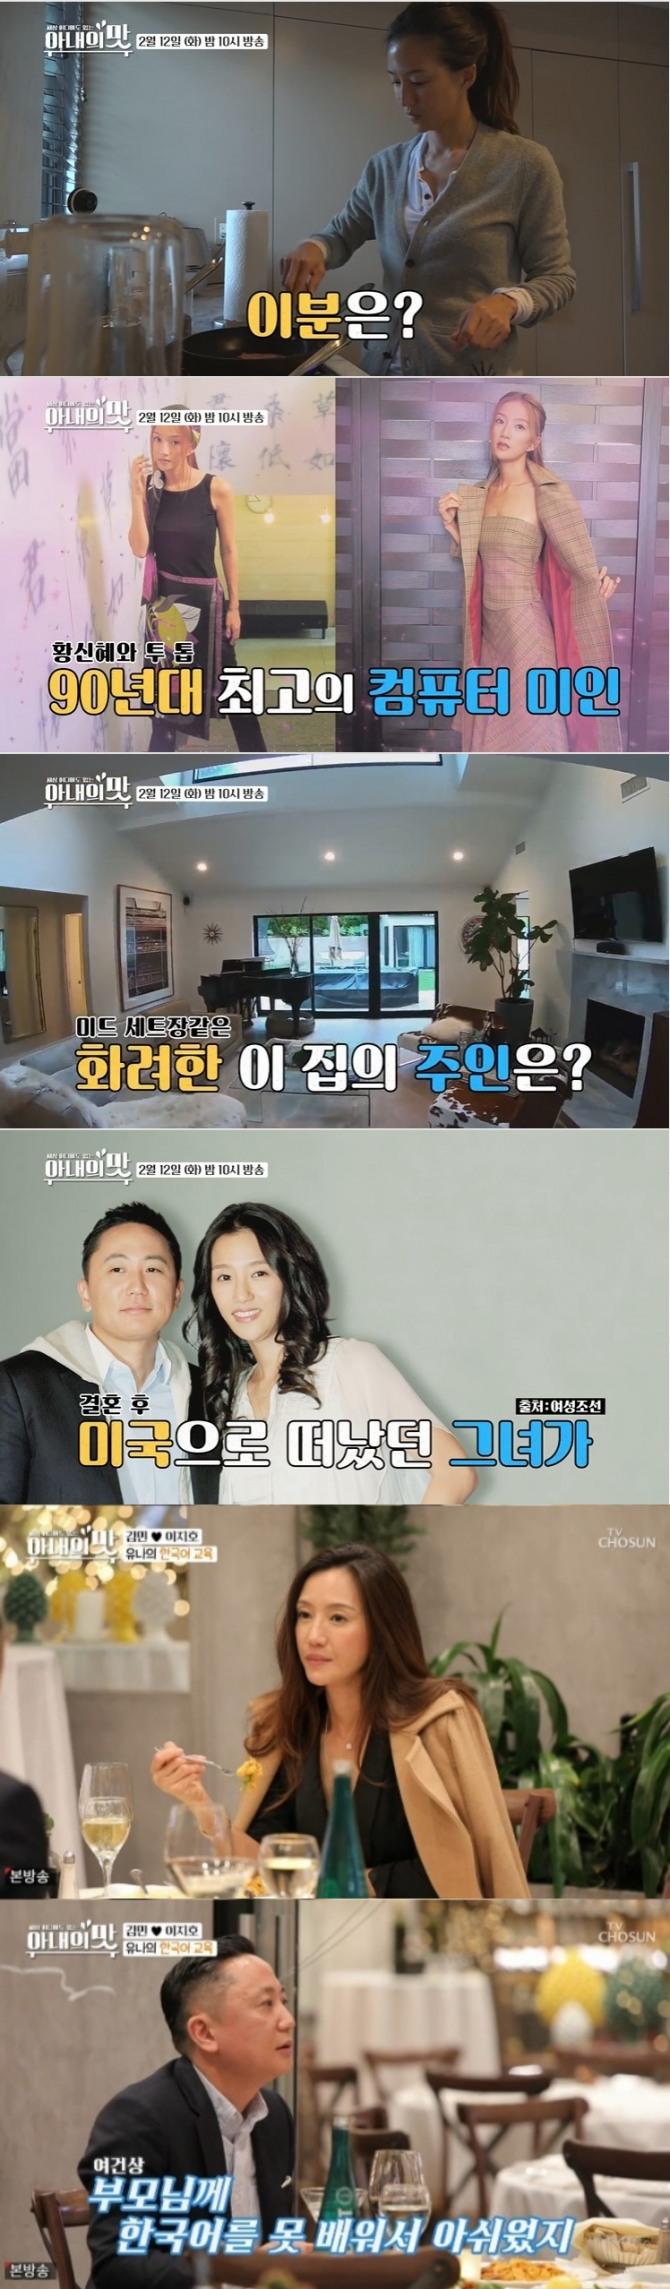 12일 오후 방송된 TV조선 '아내의 맛'에서는 새롭게 합류한 결혼 14년차 부부 김민-이지호 커플의 LA 베벌리힐스 라이프가 공개됐다. 사진=TV 조선 방송 캡처